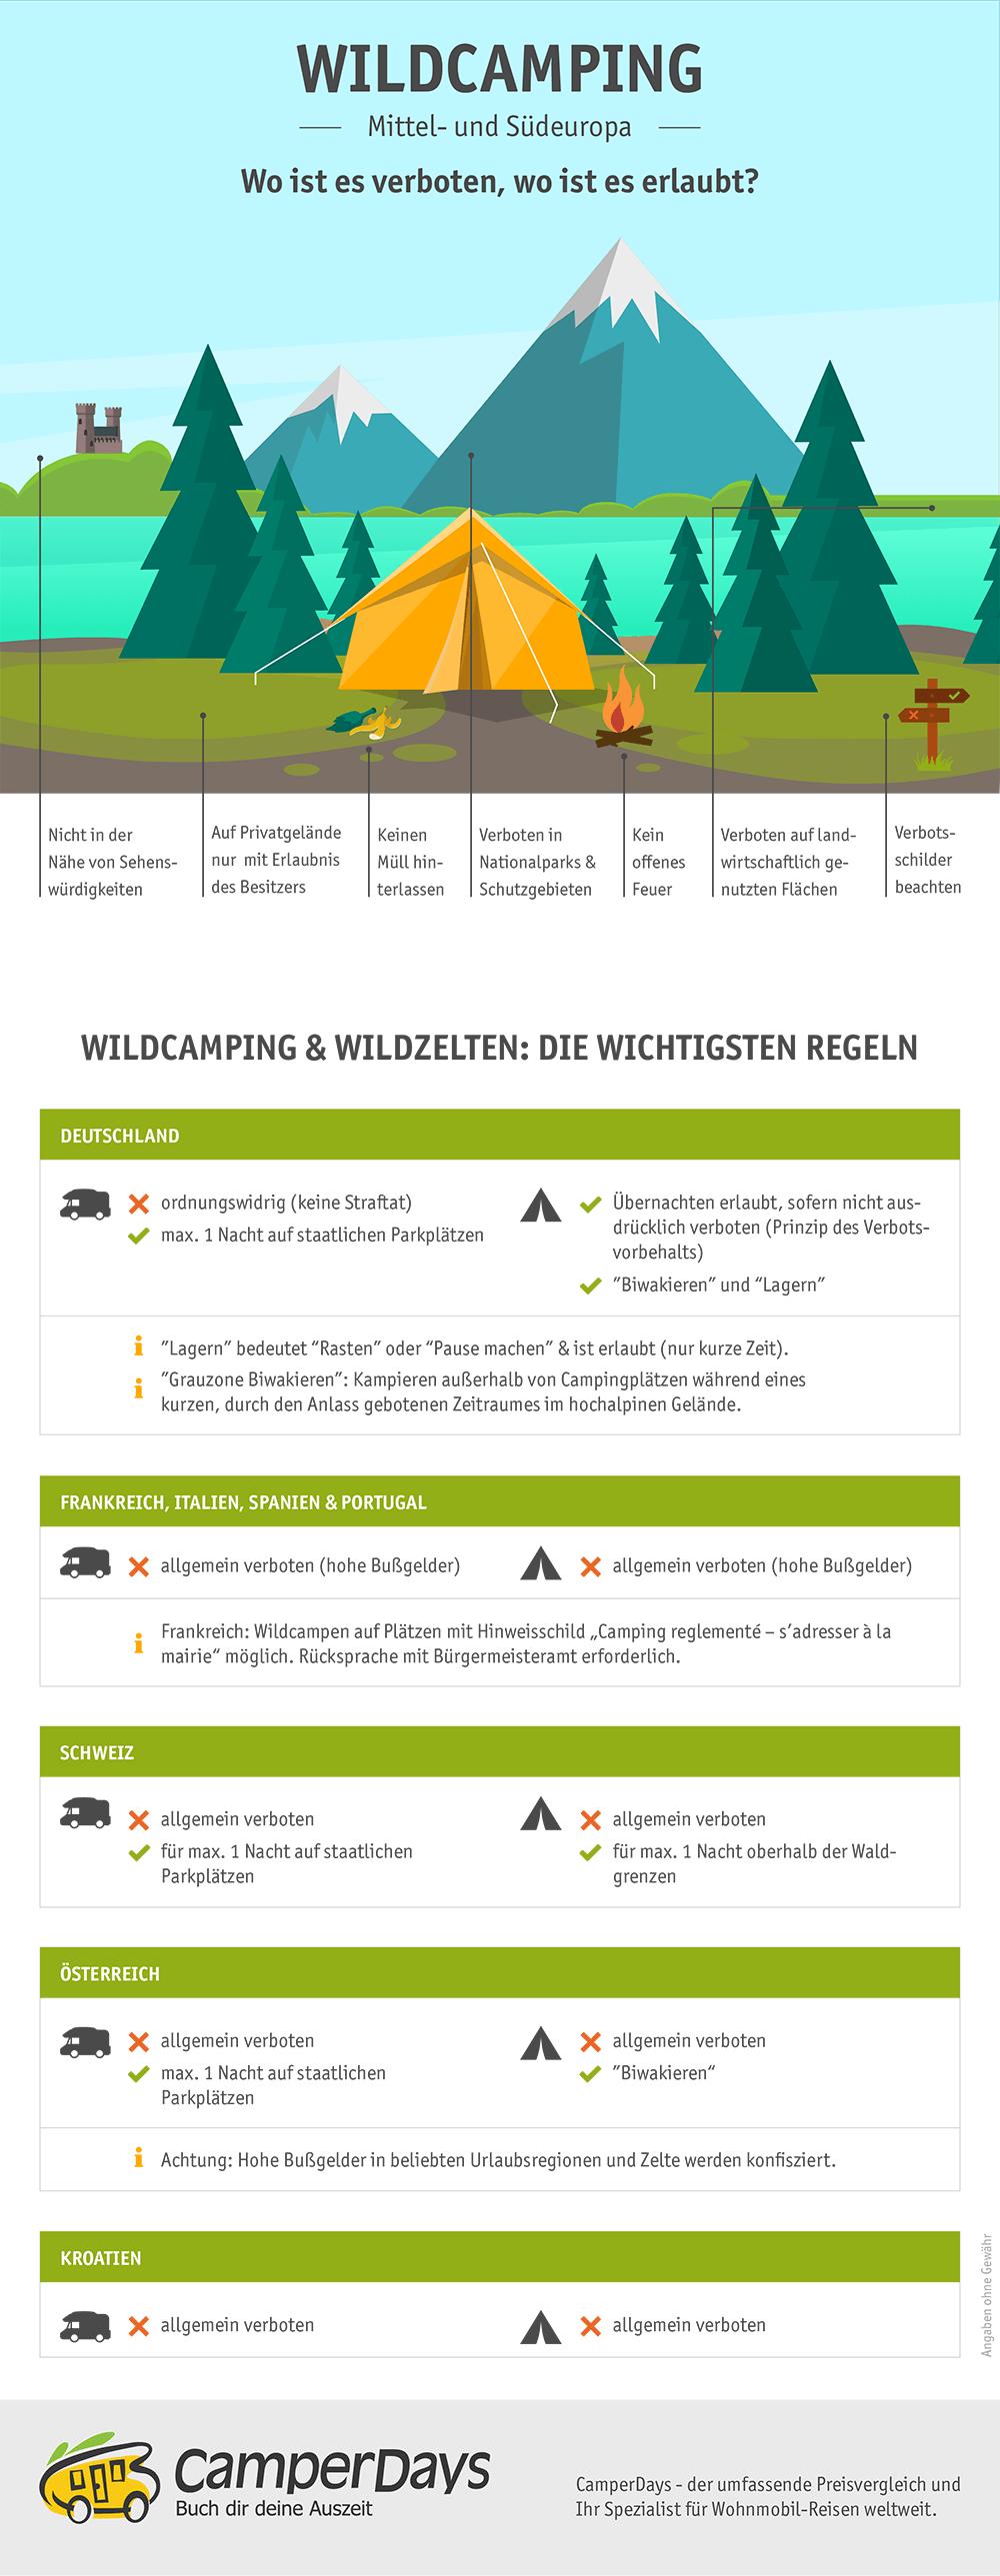 Wildcamping-Guide Mittel- und Südeuropa